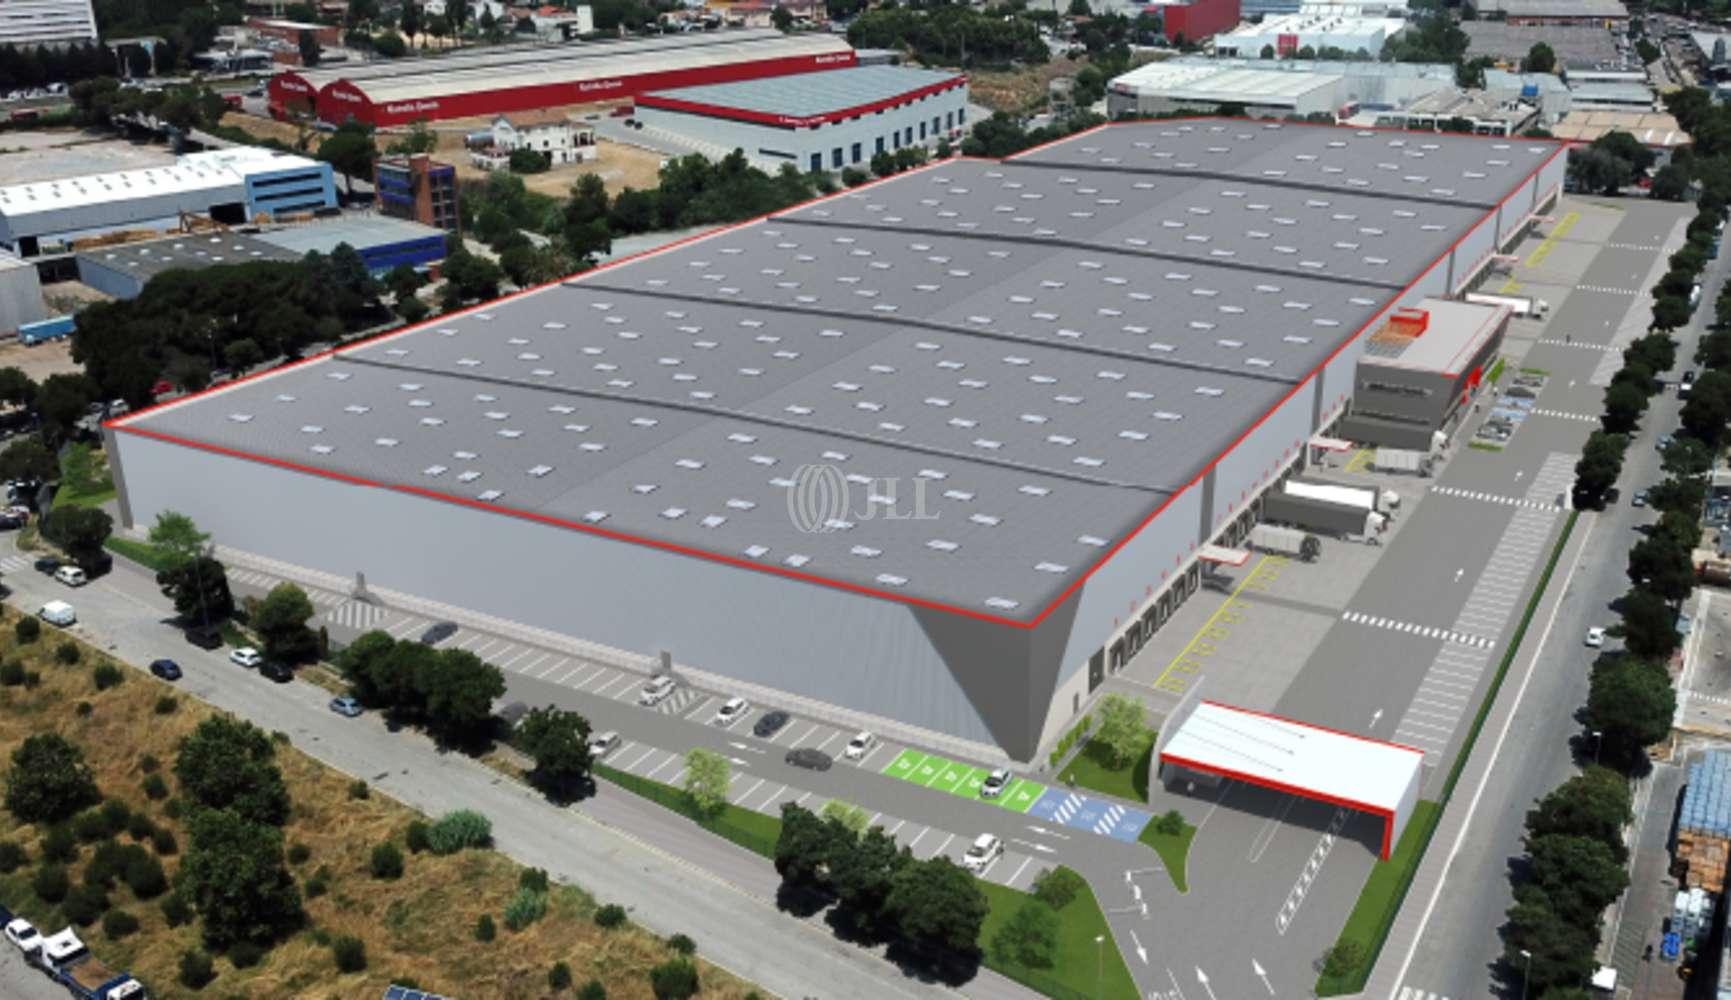 Naves industriales y logísticas Mollet del vallès, 08100 - Nave Logistica - B0459 CAN MAGAROLA